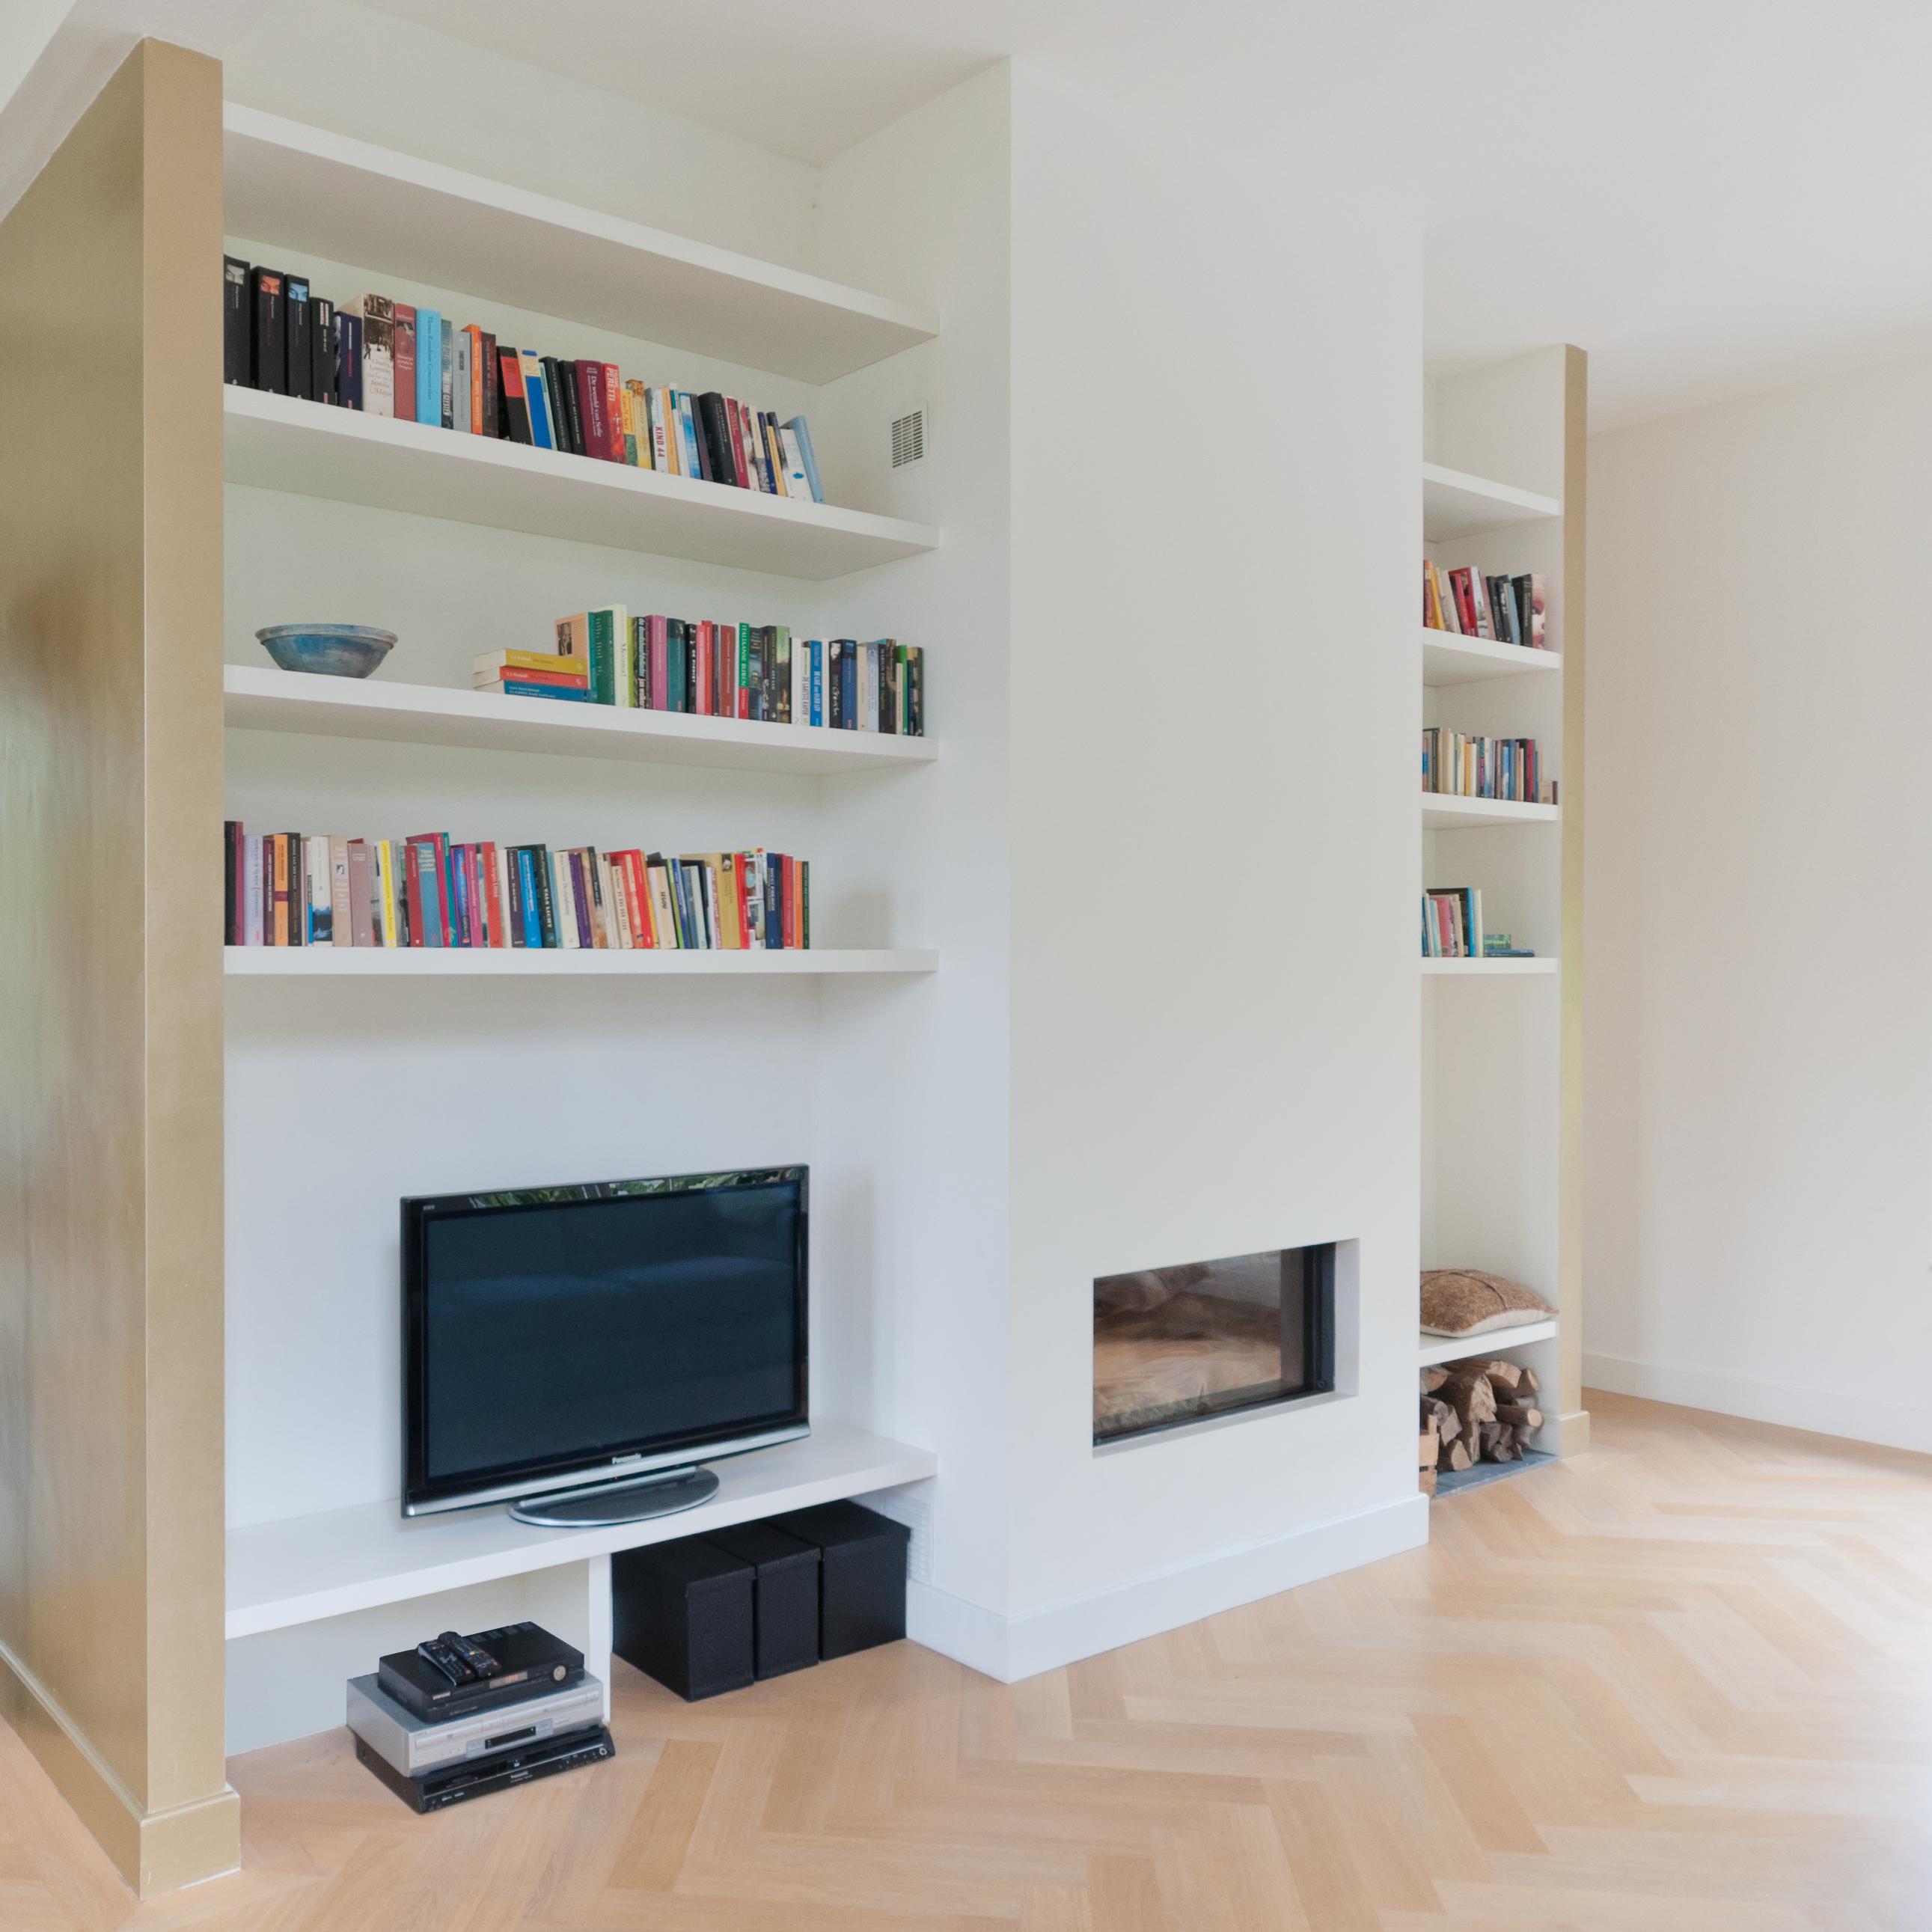 Inbouwkast voor open haard, gecombineerd met zwevende boekenplanken. De boekenplanken zijn onzichtbaar gemonteerd en iedere kleur te leveren.